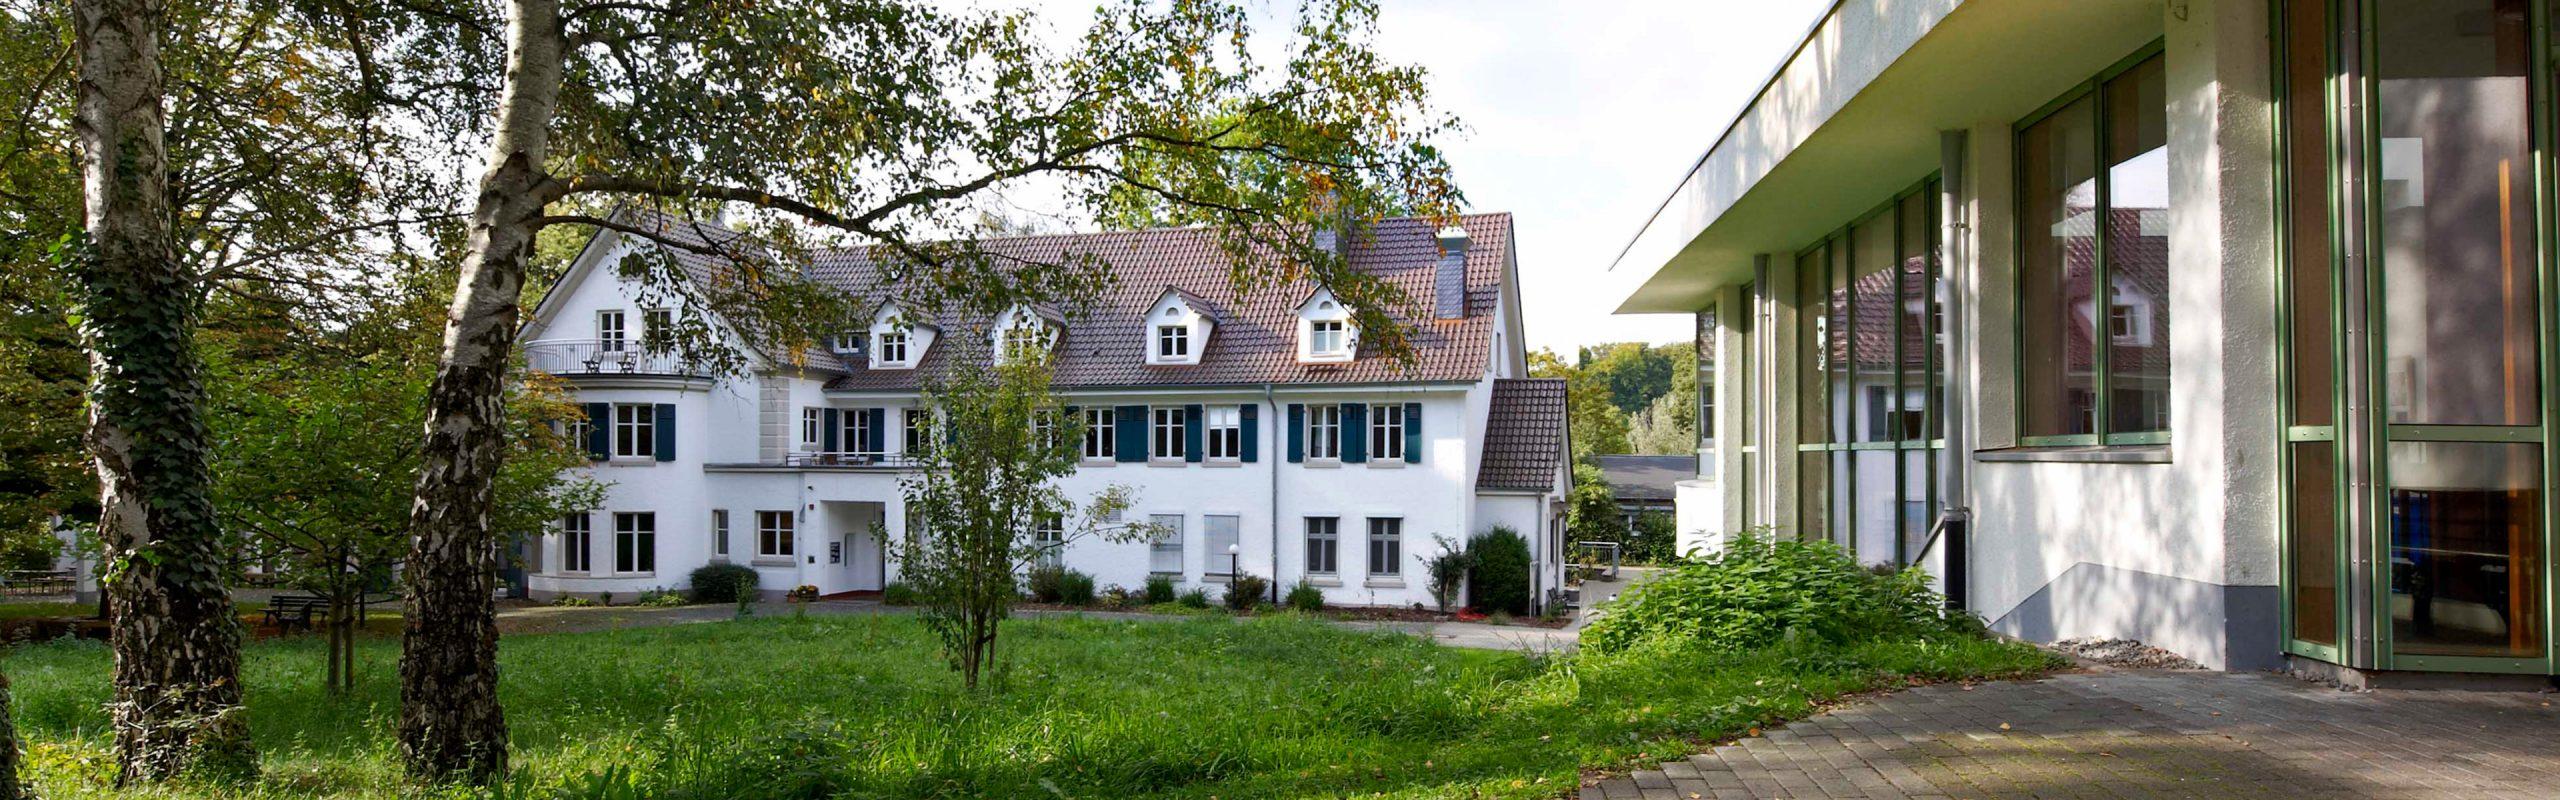 Evangelische Jugendbildungsstätte Hackhauser Hof